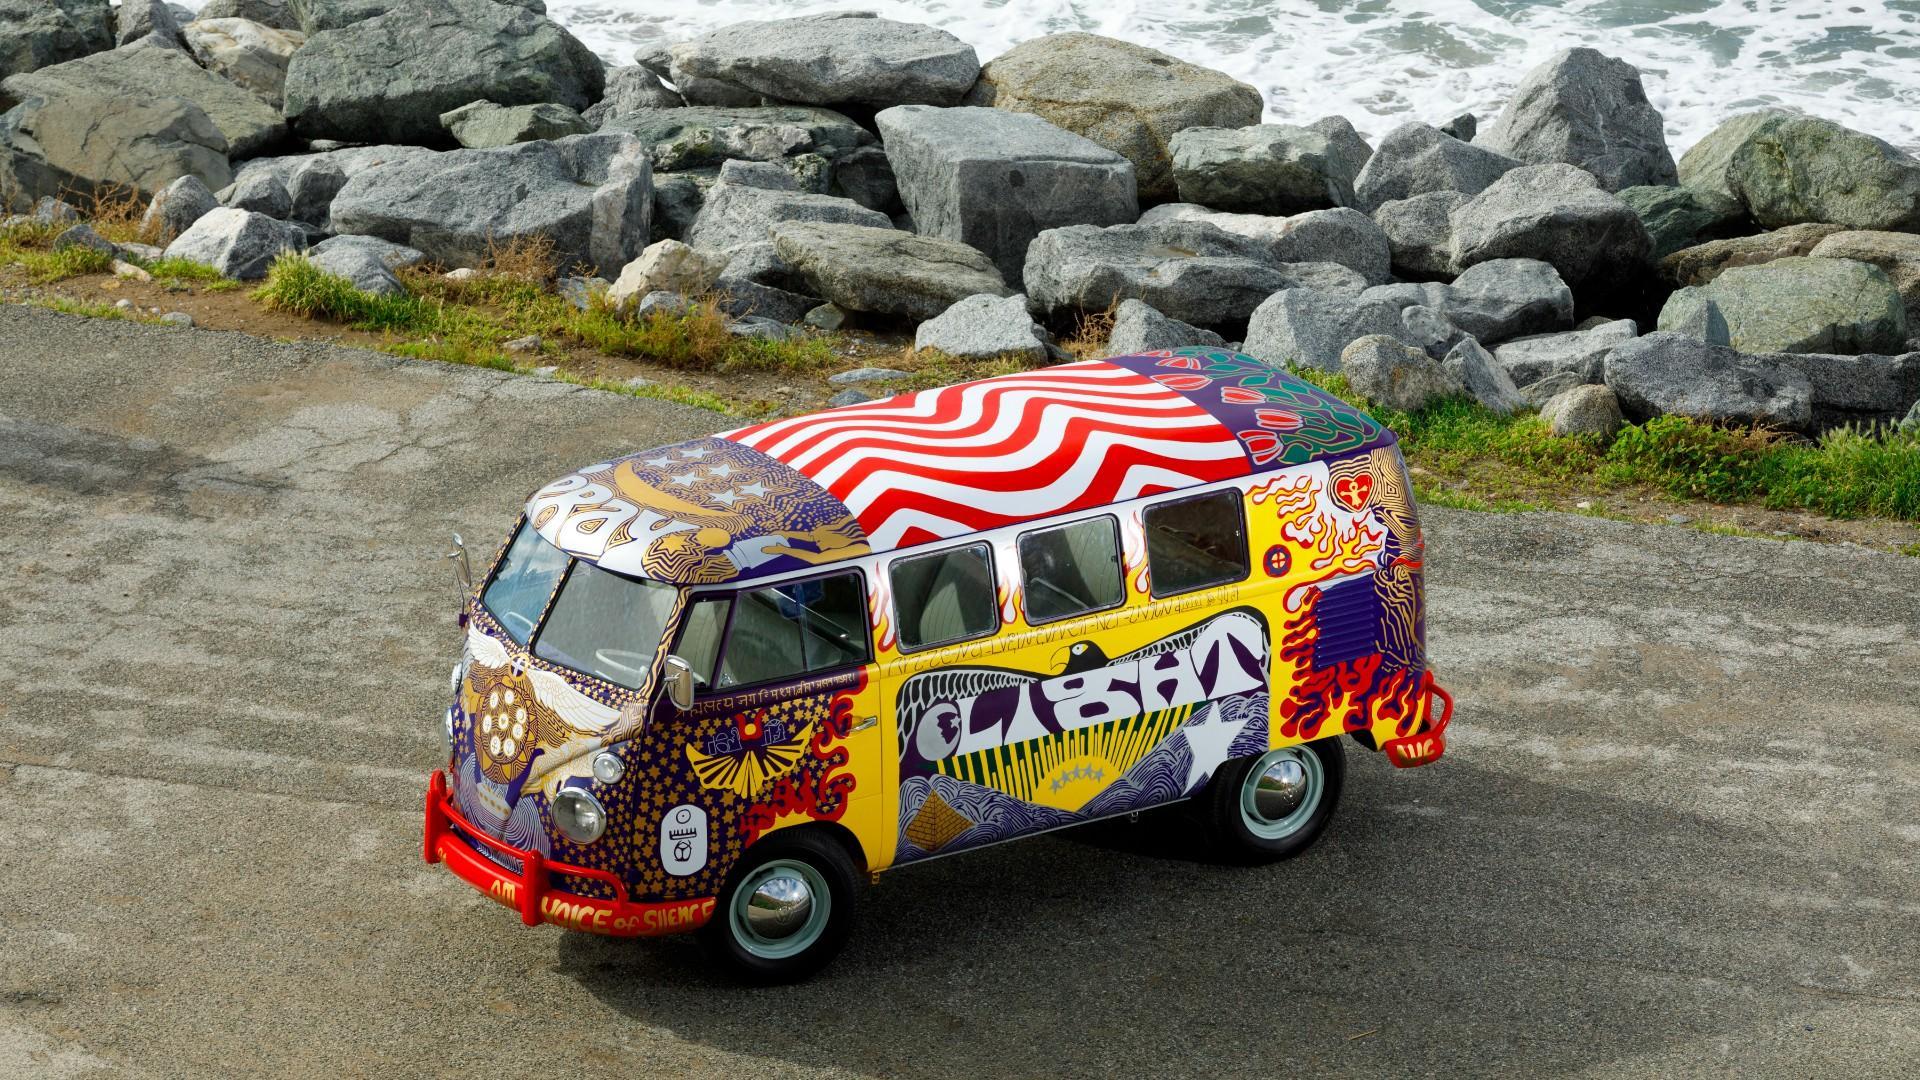 Woodstock's Iconic Volkswagen 'Light' Bus Returns!